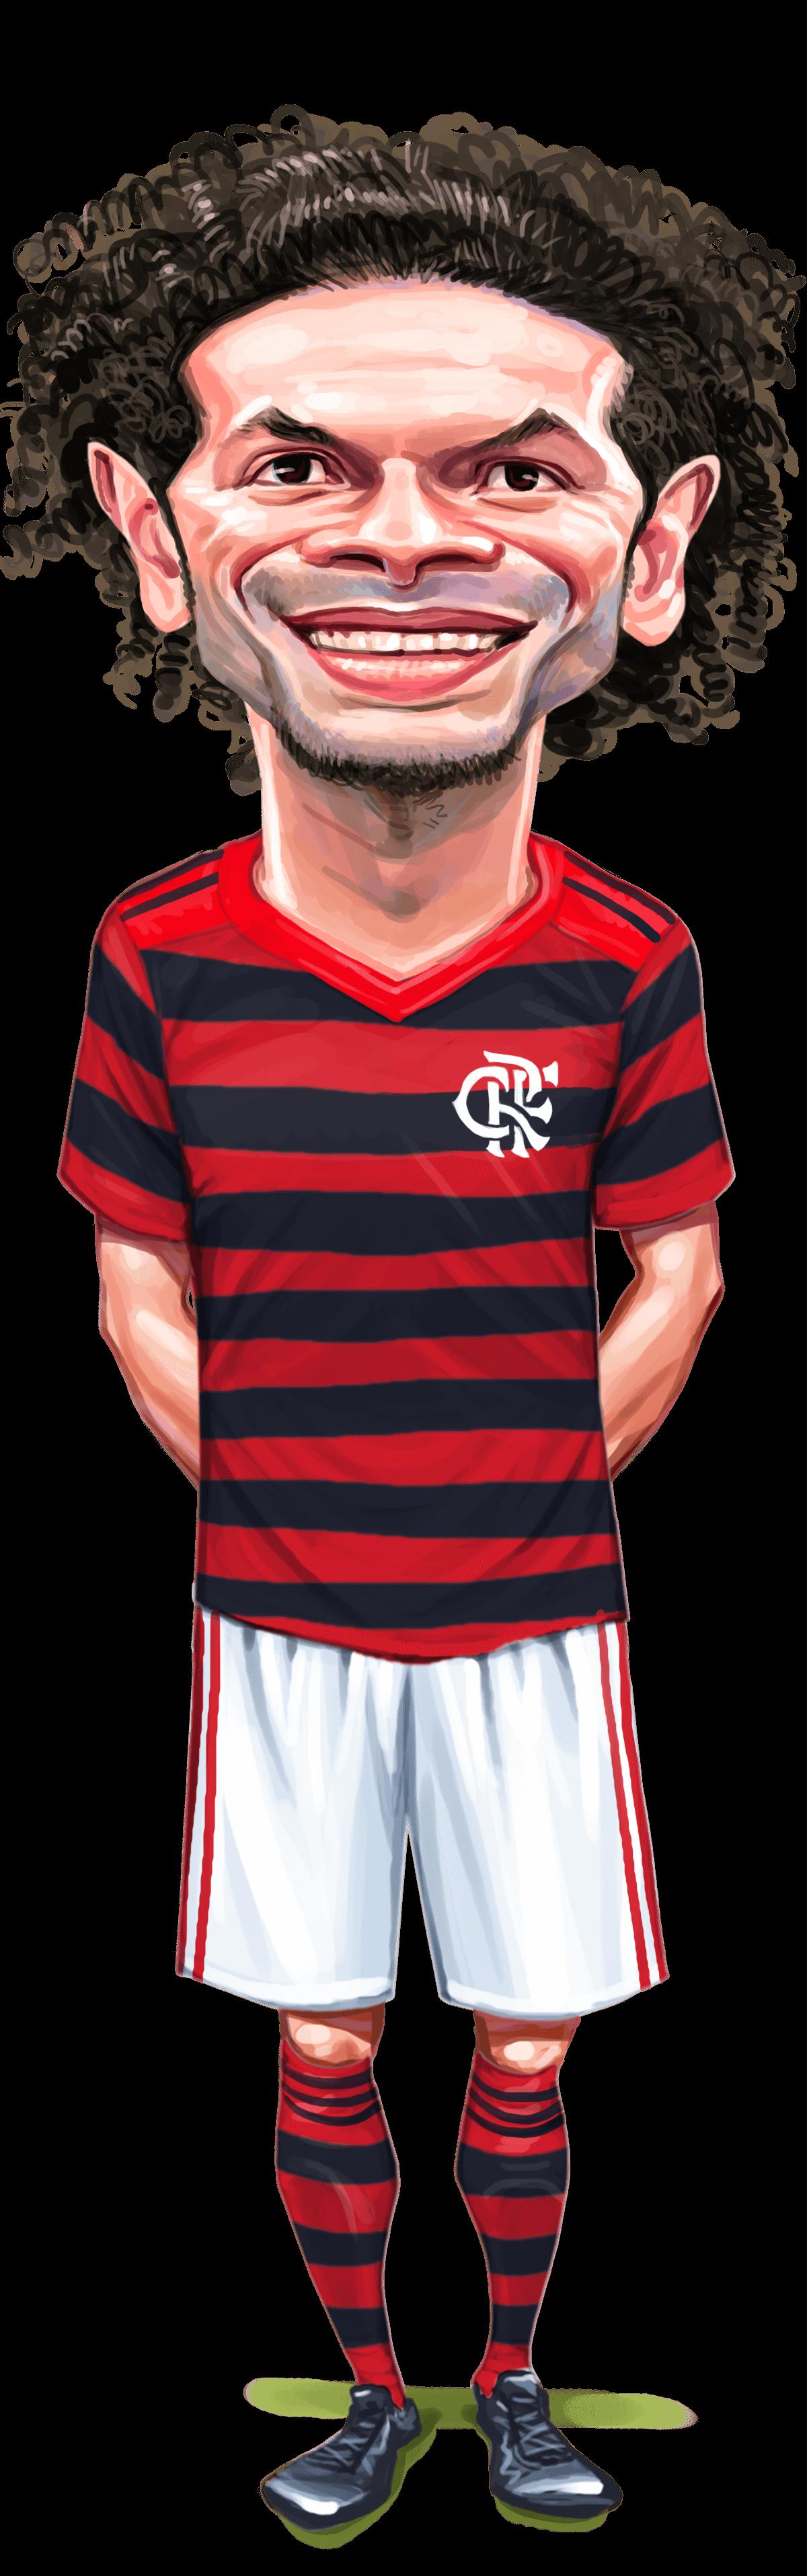 Seleção do Brasileirão 2019 SporTv em 2020 Flamengo e